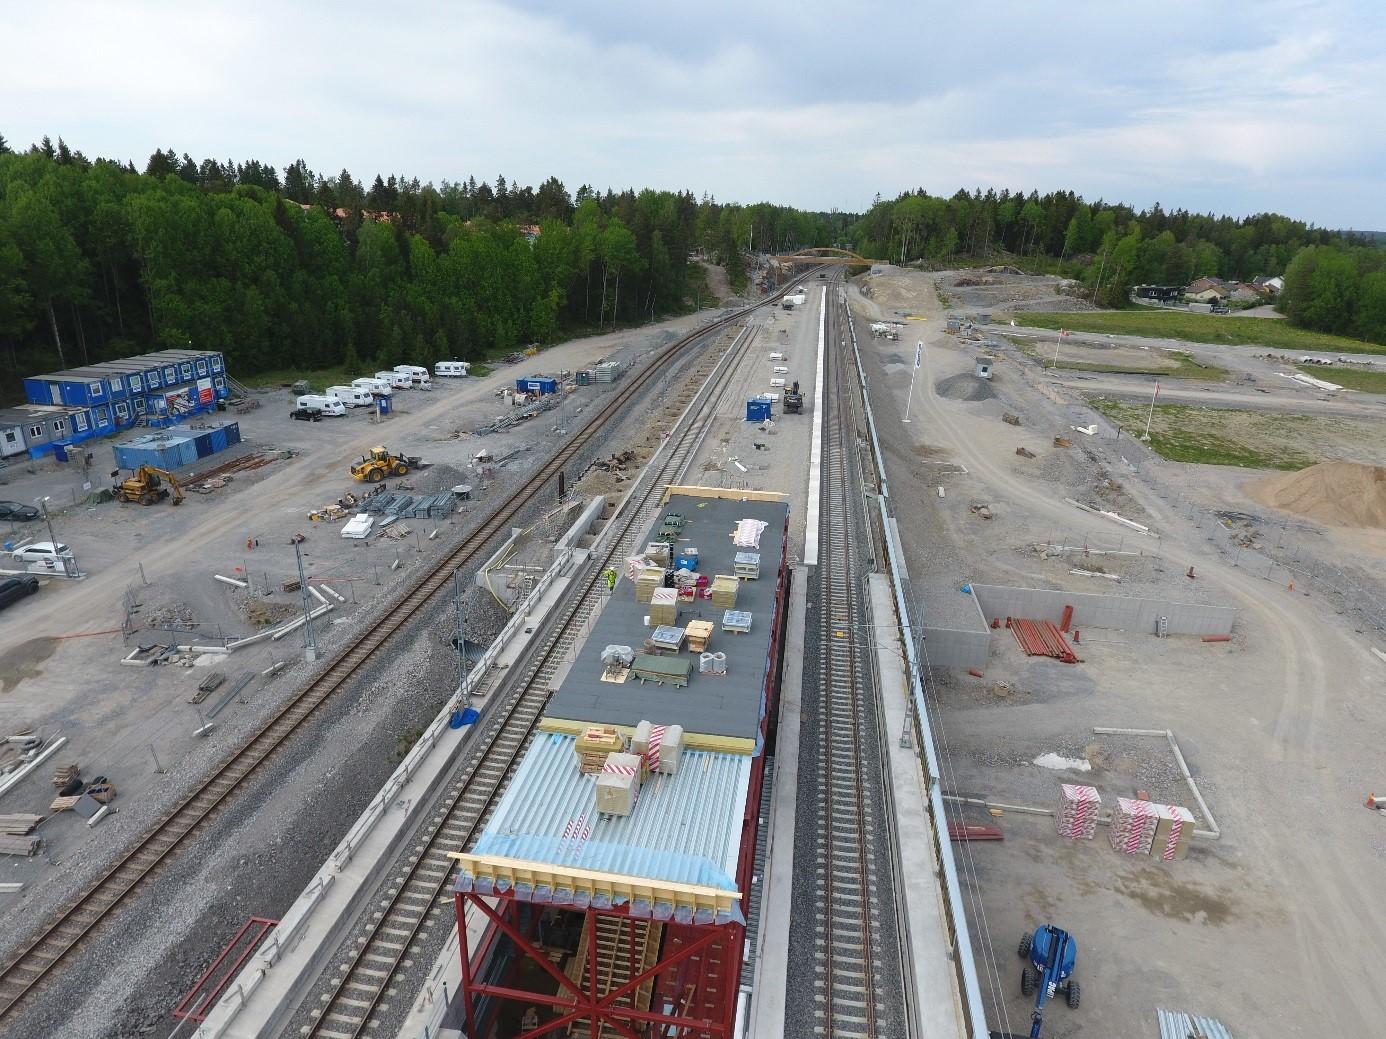 I mitten växer stationshuset fram med upp och nerspår på varsin sida. Det provisoriska spåret syns till vänster.